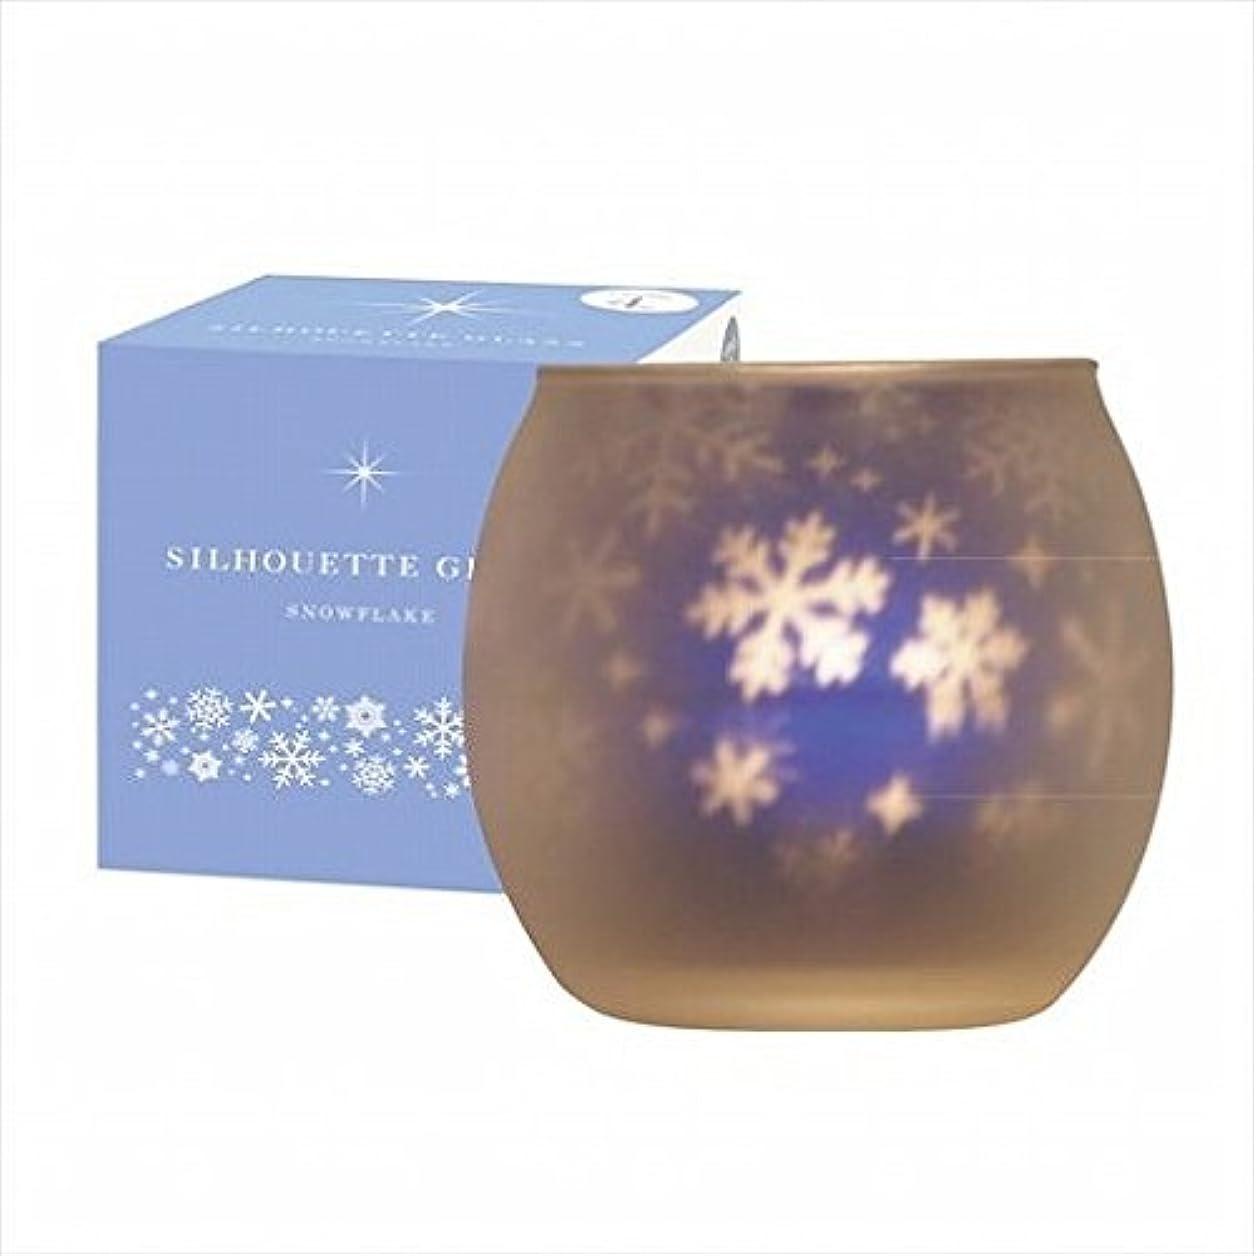 申請中ヒゲフリッパーkameyama candle(カメヤマキャンドル) スノーフレークシルエットグラス【キャンドル4個付き】(J1001022)